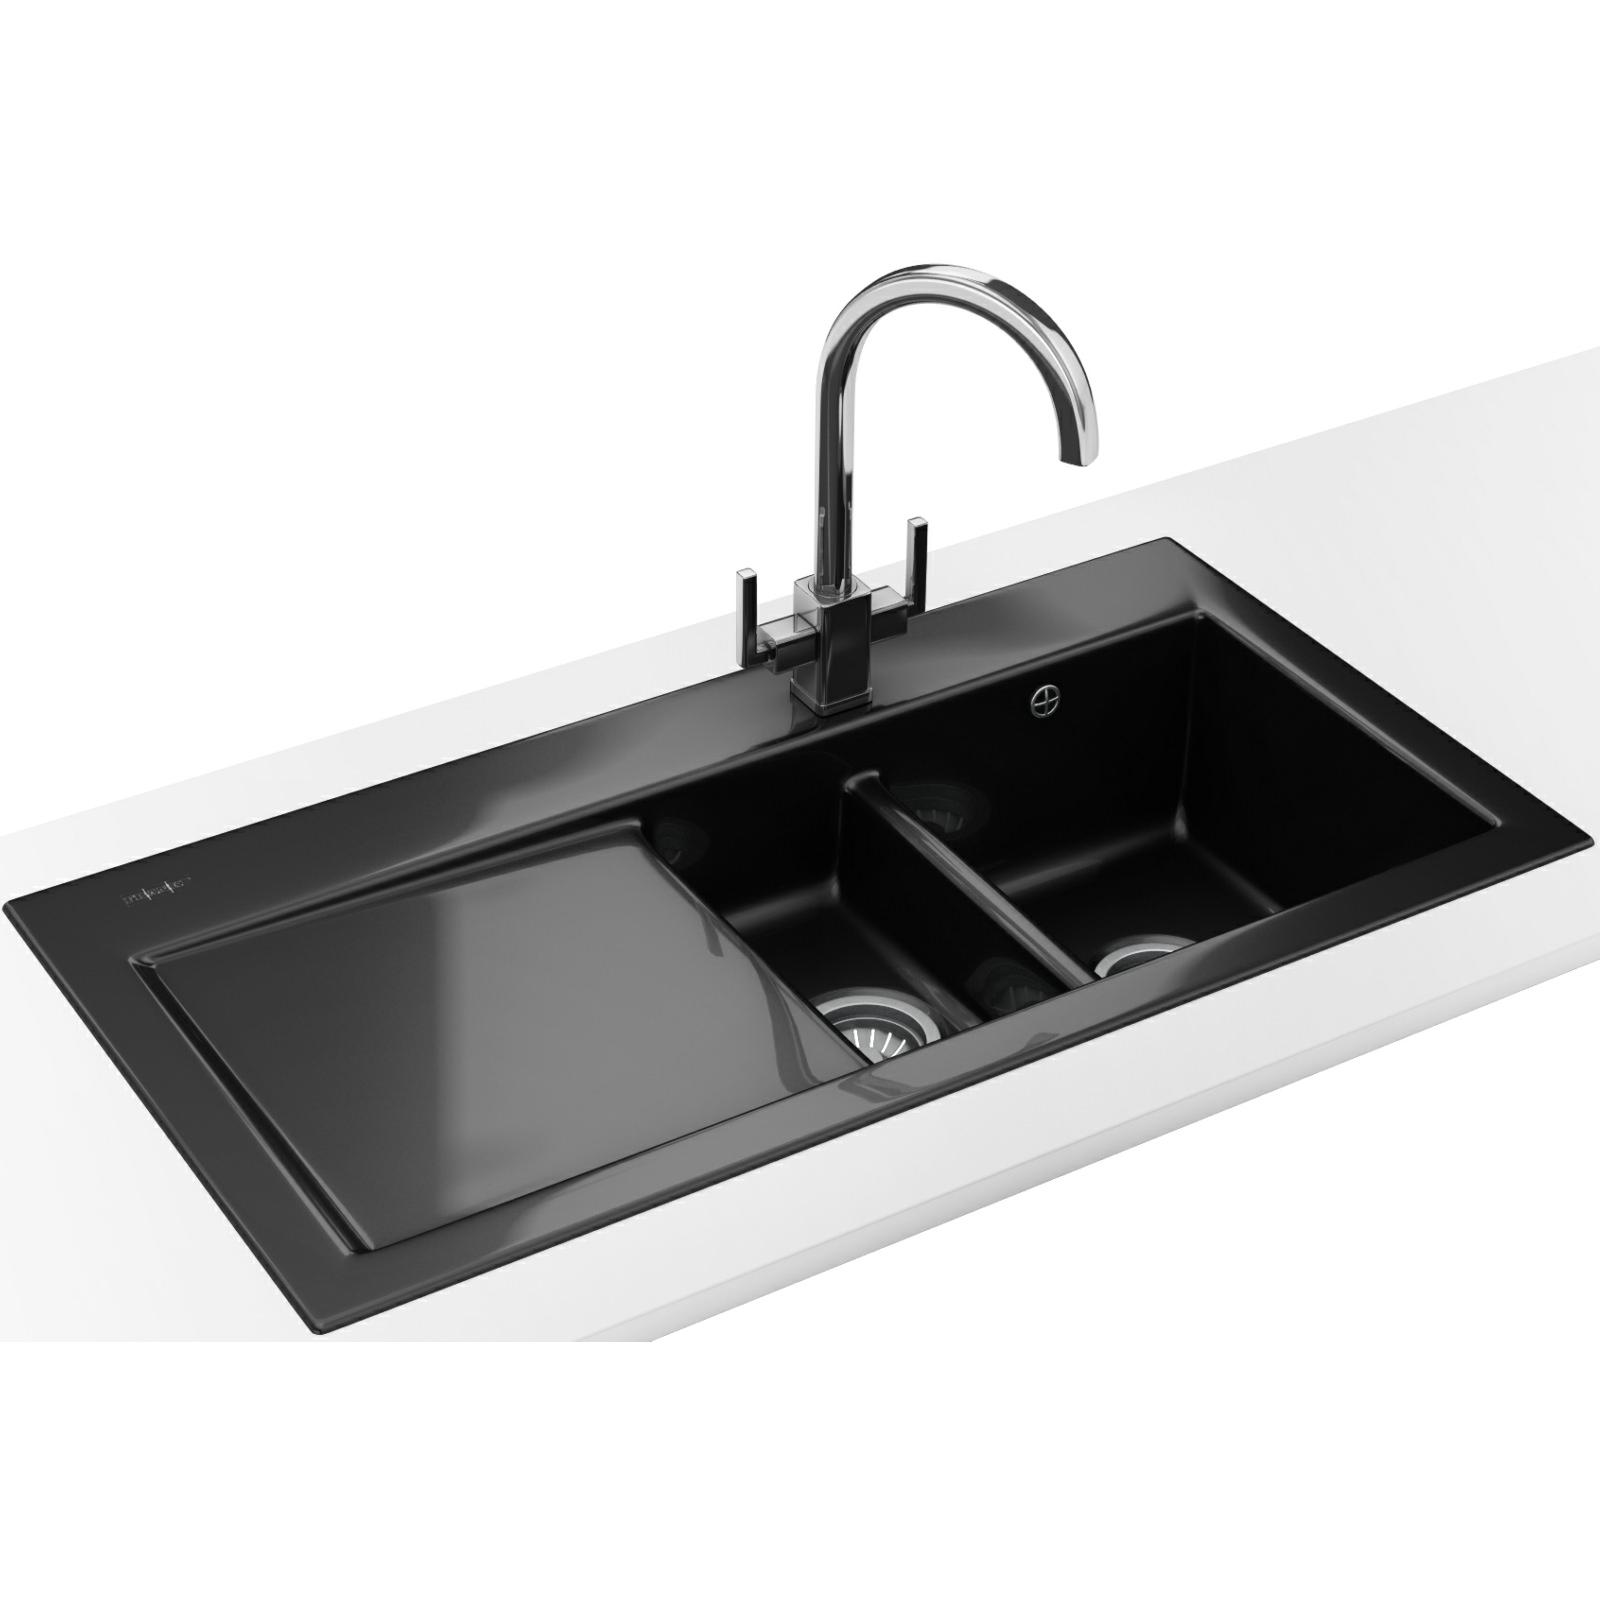 Franke Black Tap : Franke Mythos MTK 651 DP - Ceramic Black Left Drainer Sink And Tap